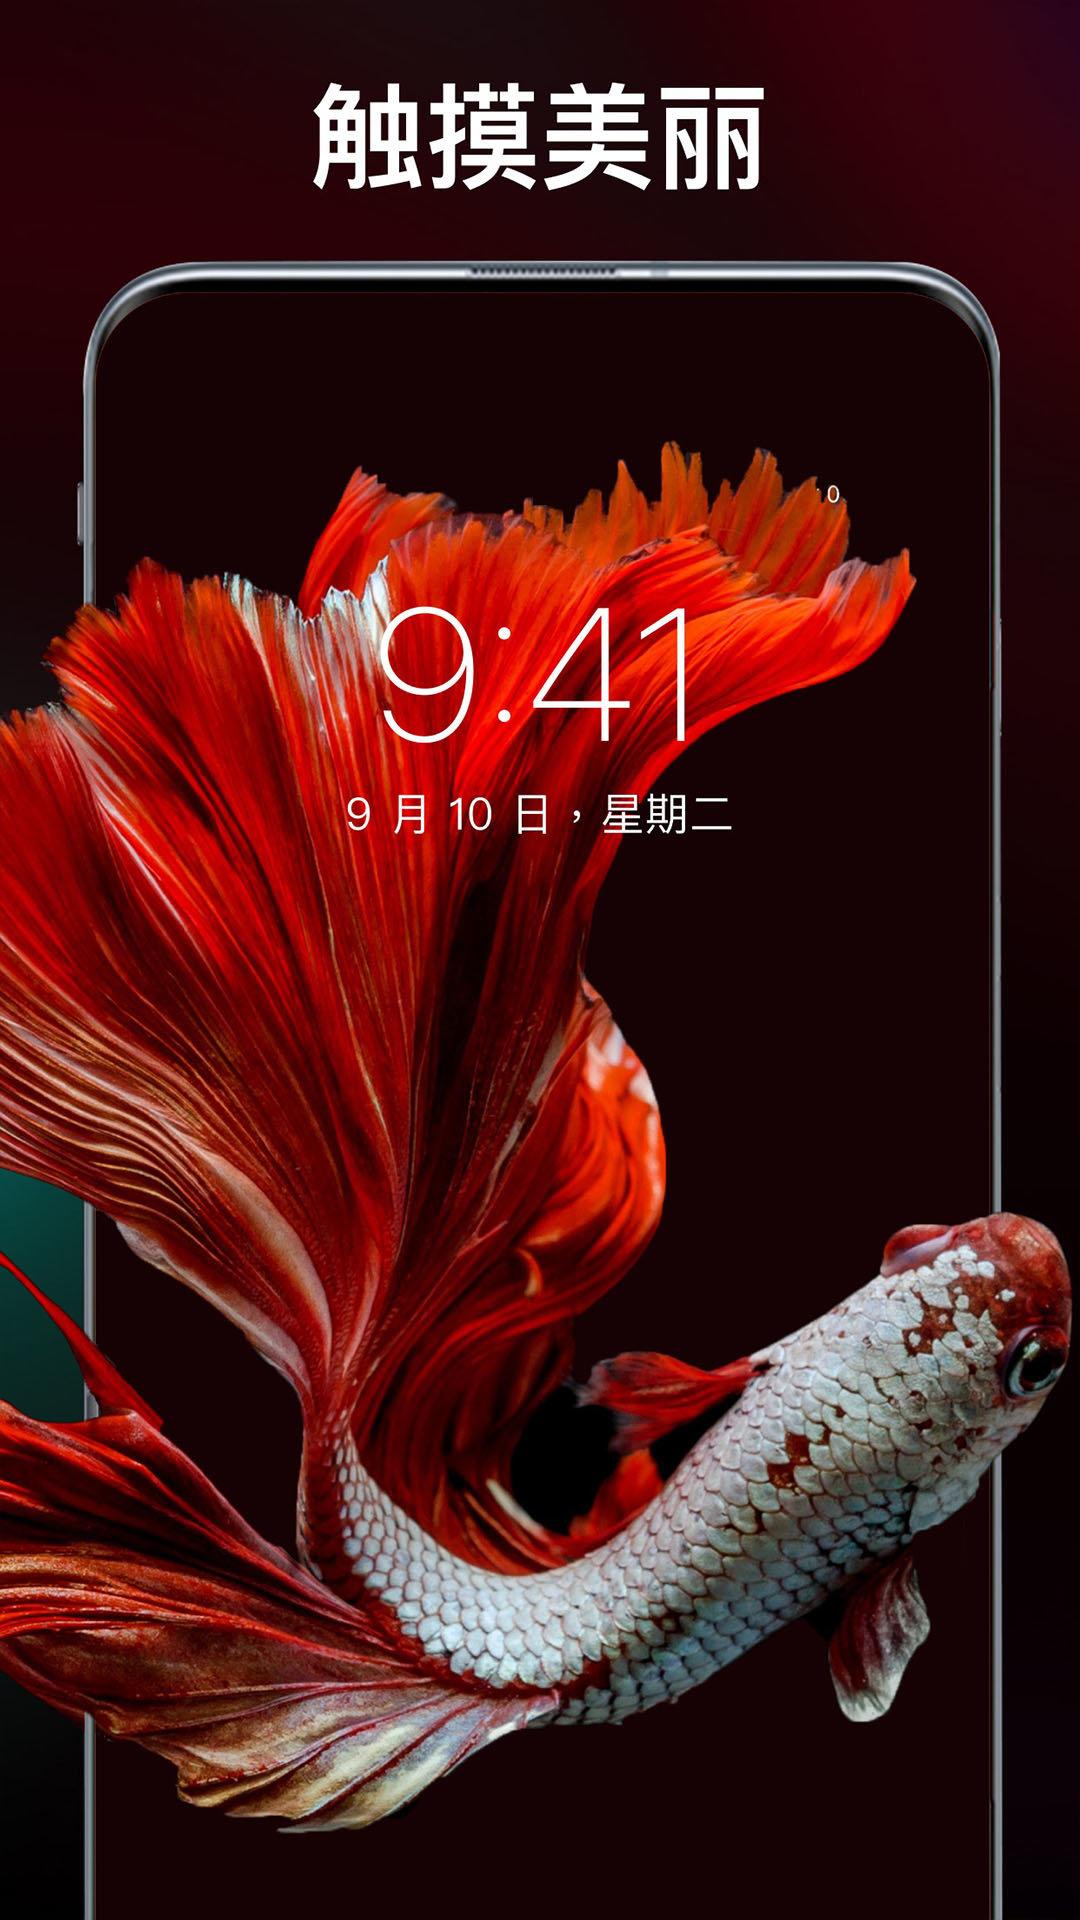 主题刘海壁纸app图2